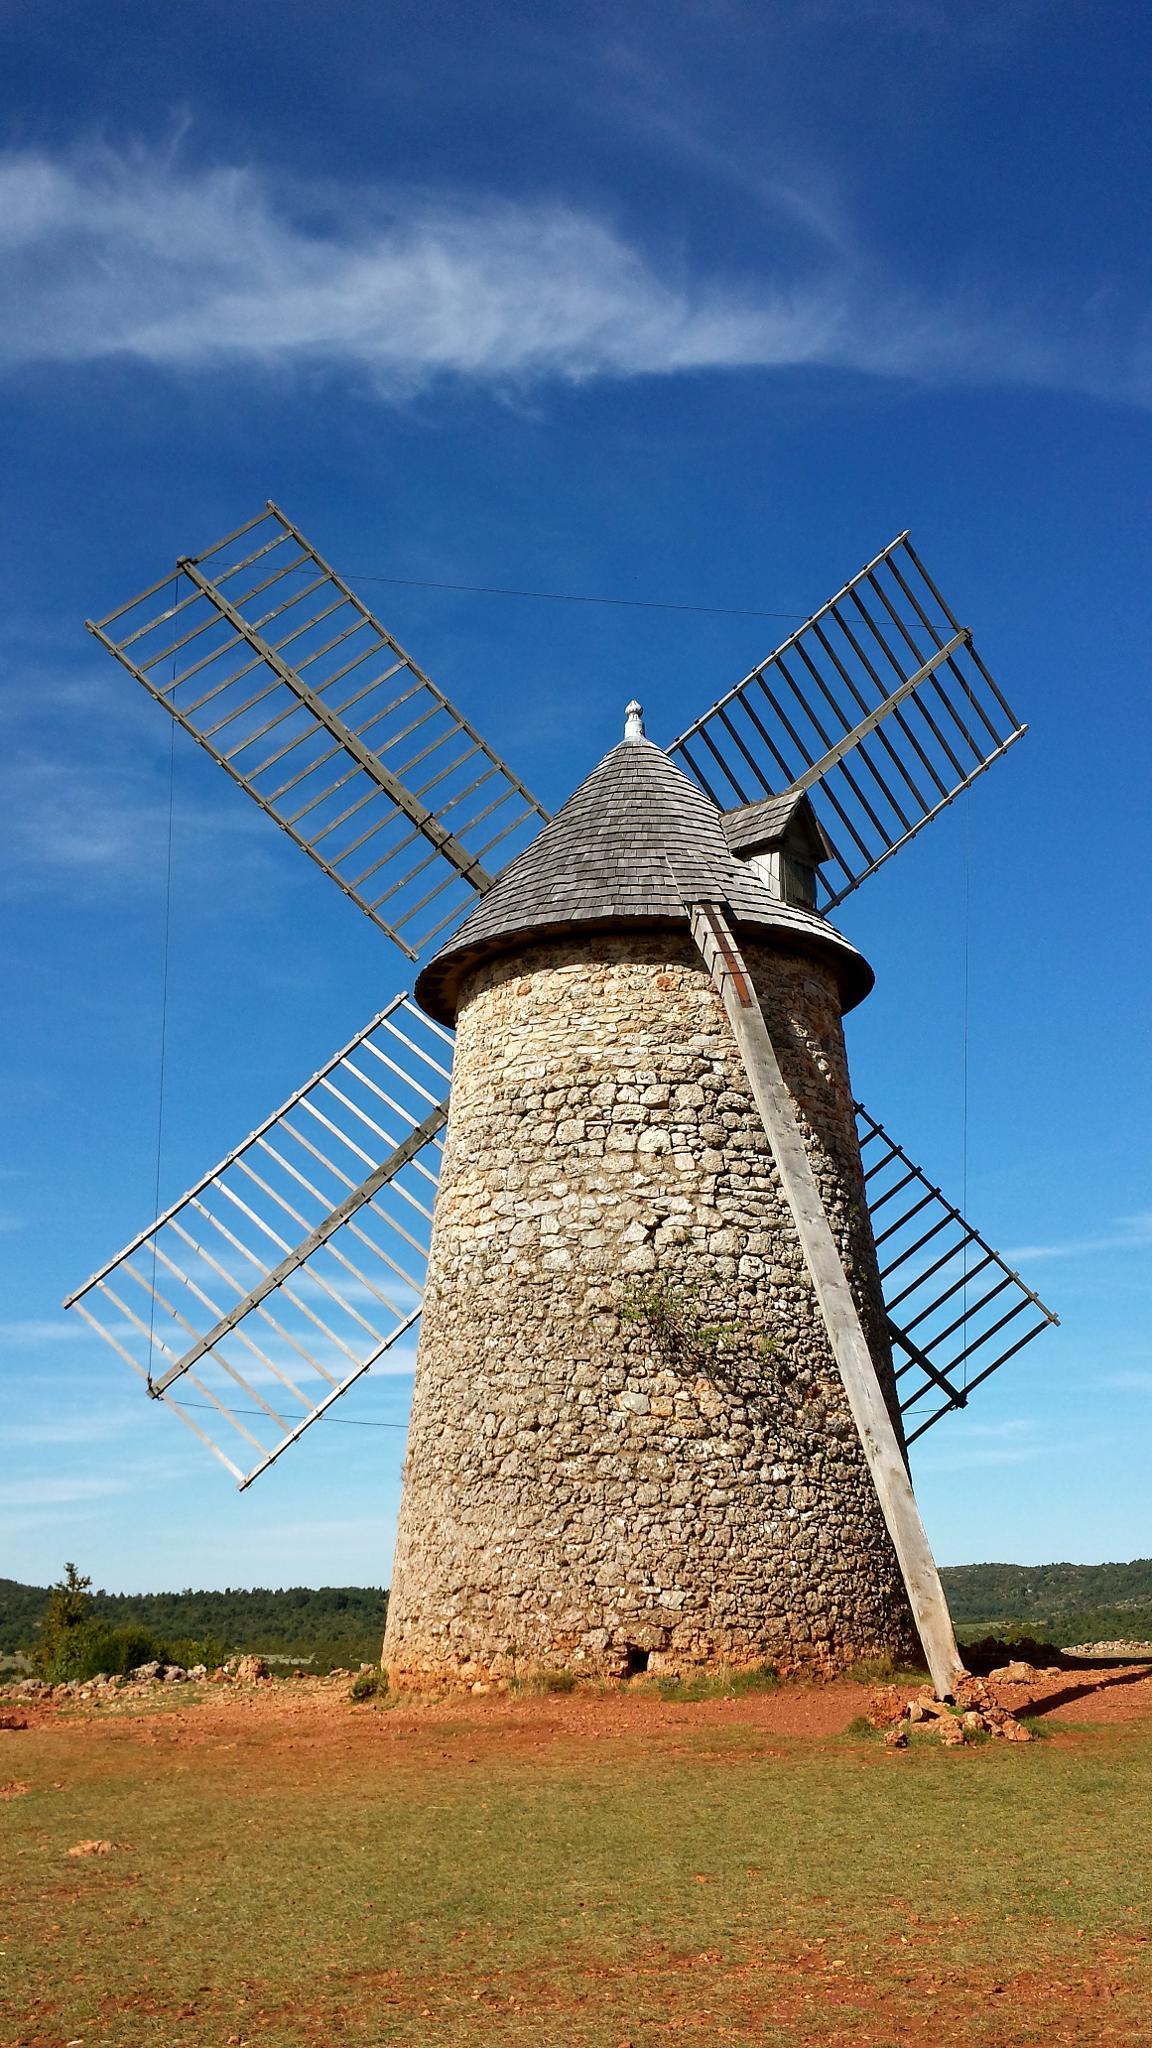 Le moulin du Larzac by tanka nat